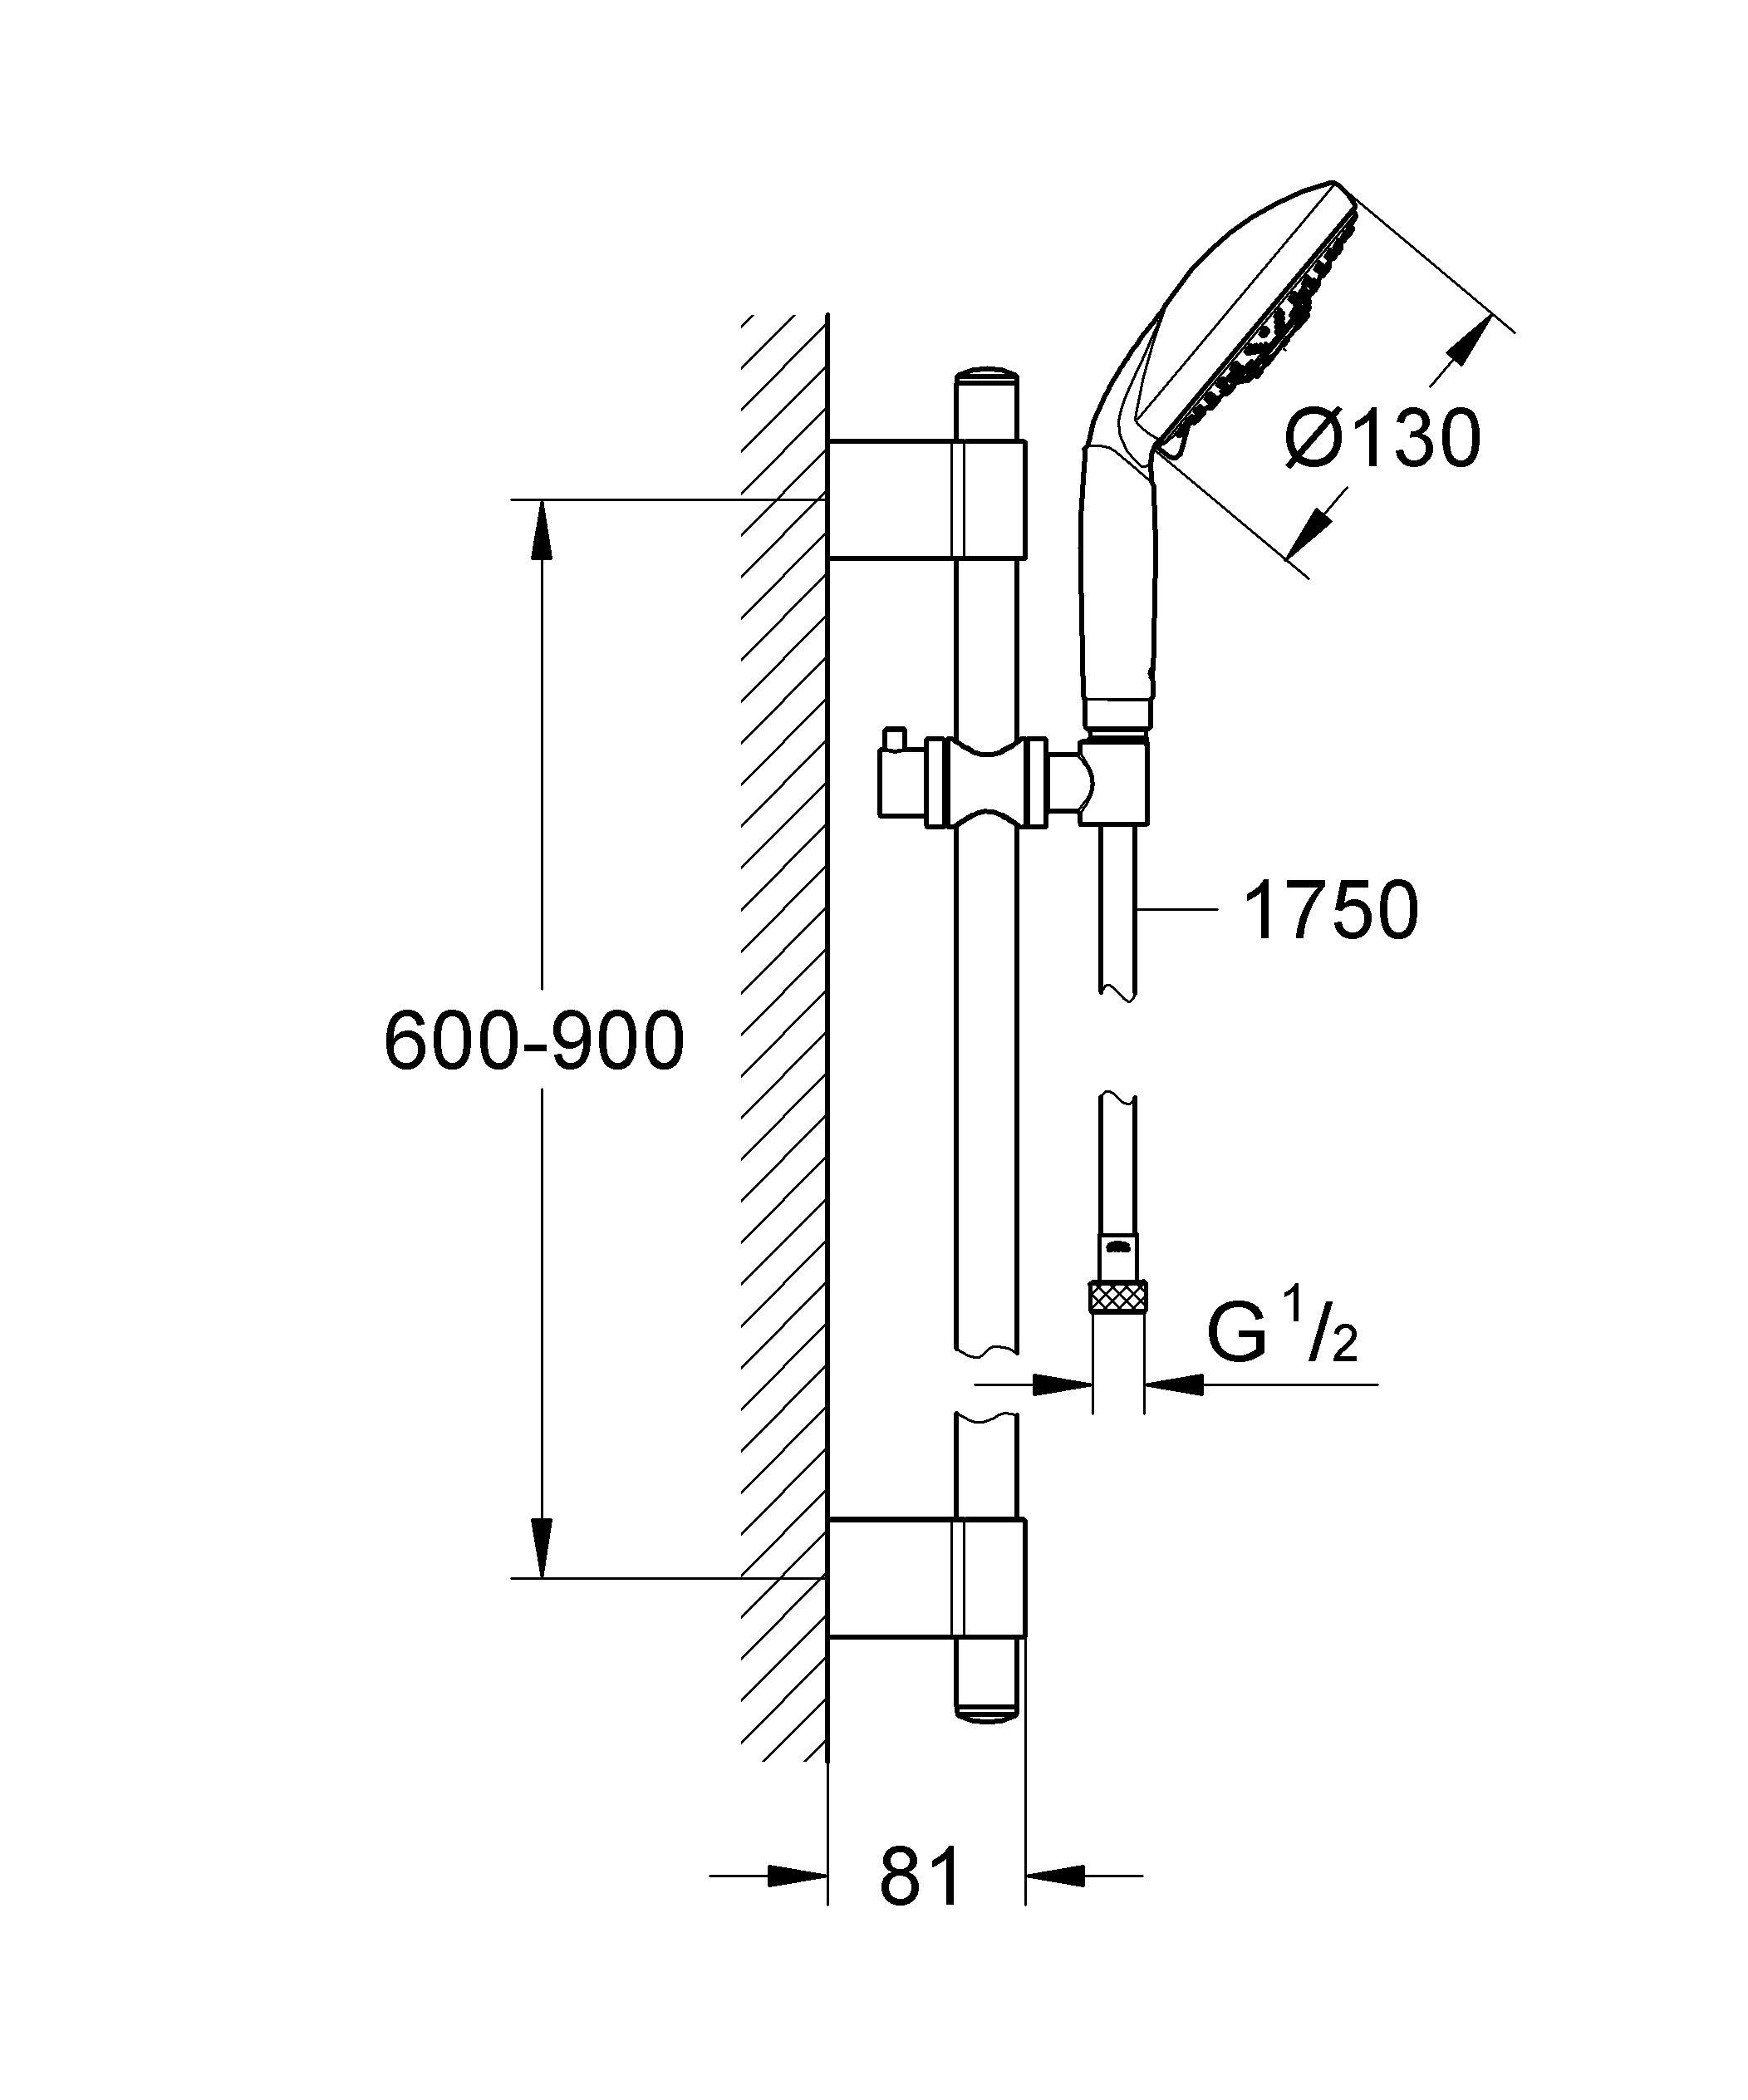 Включает в себя:  Душевая штанга, 900 мм (28 819 000)  GROHE QuickFix Plus(регулируемое расстояние между настенными креплениями штанги позволяет использовать для монтажа уже имеющиеся отверстия в стене )  С металлическими настенными креплениями  Ручной душ Classic (28 764 000)  Душевой шланг 1750 мм (28 388 000)  Twistfree против перекручивания шланга  GROHE StarLight хромированная поверхность   Внутренний охлаждающий канал для продолжительного срока службы    Видео по установке является исключительно информационным. Установка должна проводиться профессионалами!